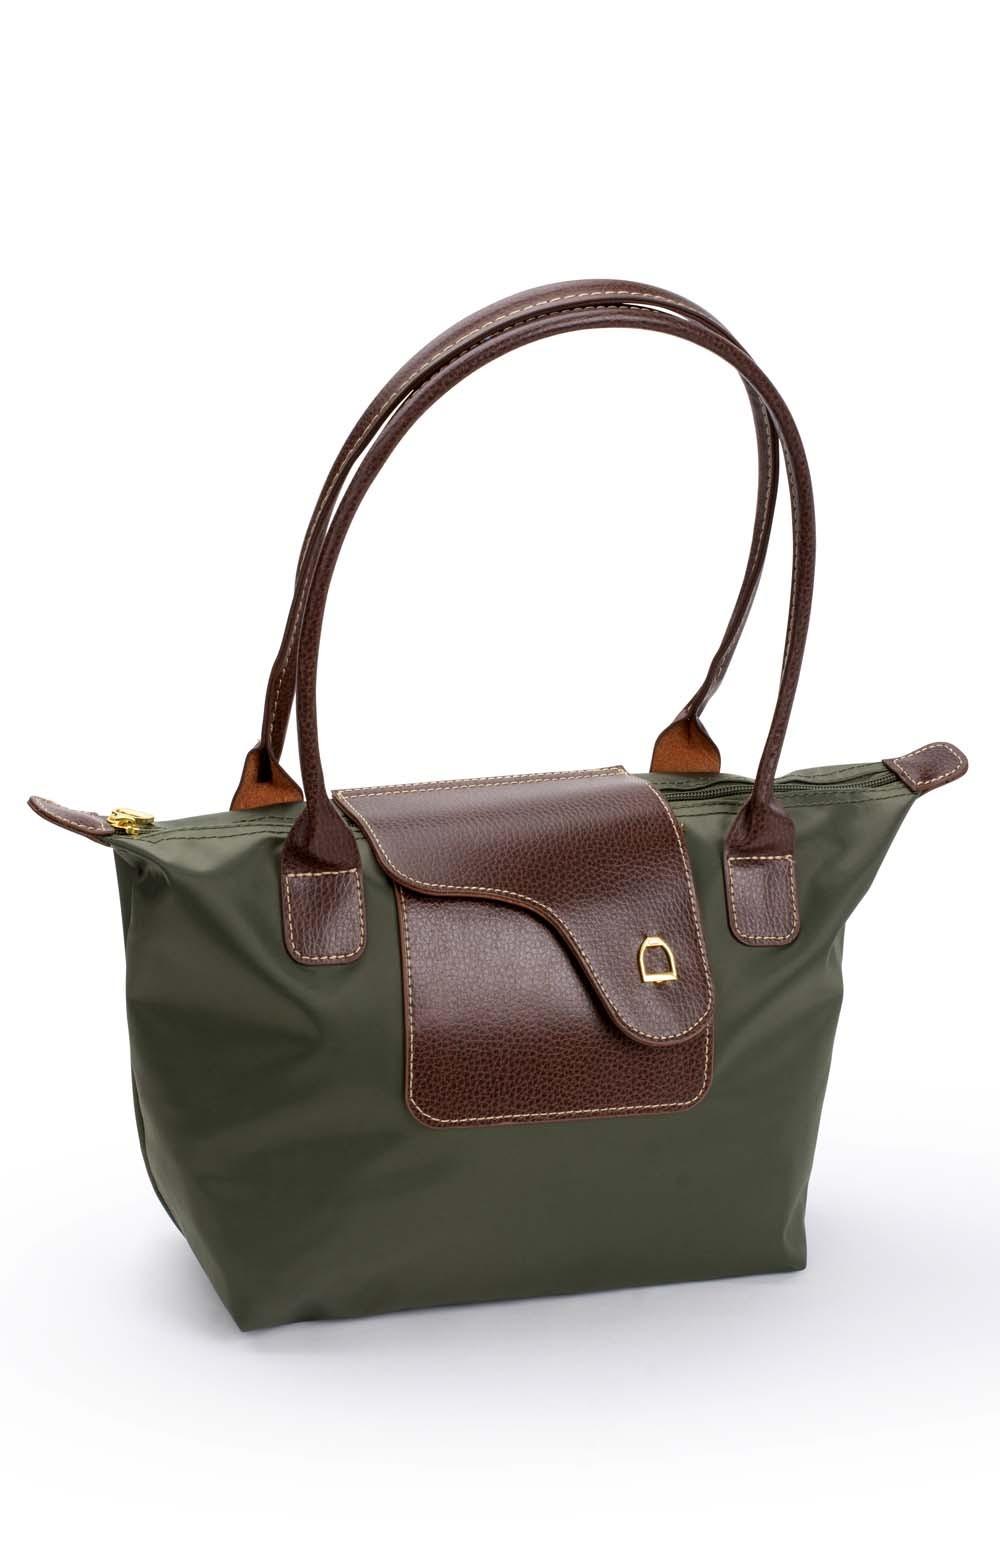 4ebb6007870e Ladies Small Nylon Tote Bag